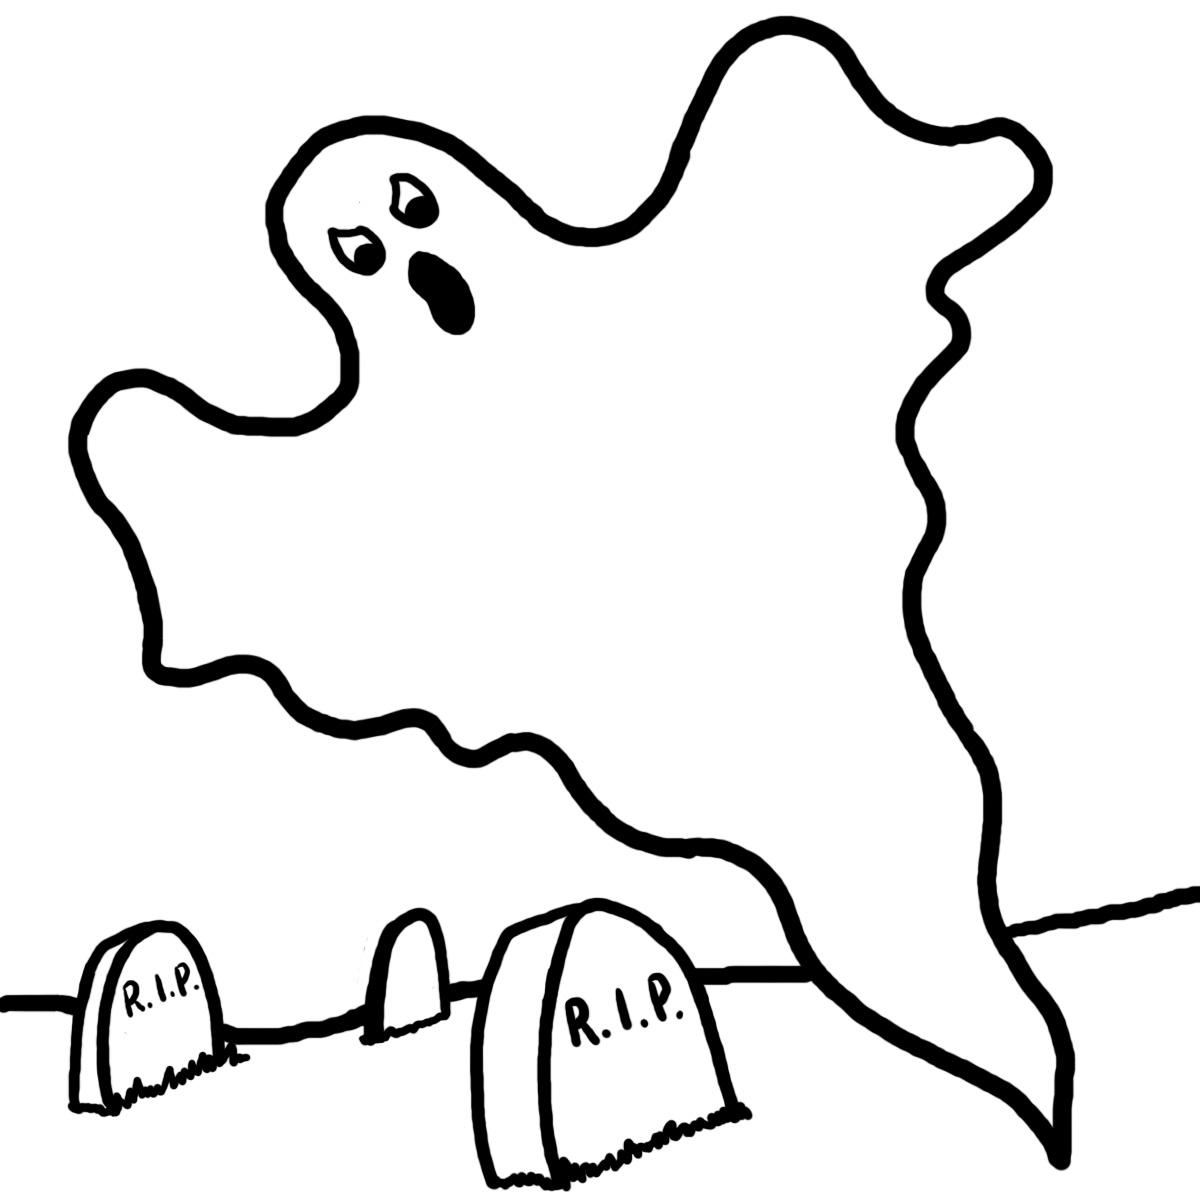 Banco de Imagenes y fotos gratis: Dibujos de Halloween para Pintar 7